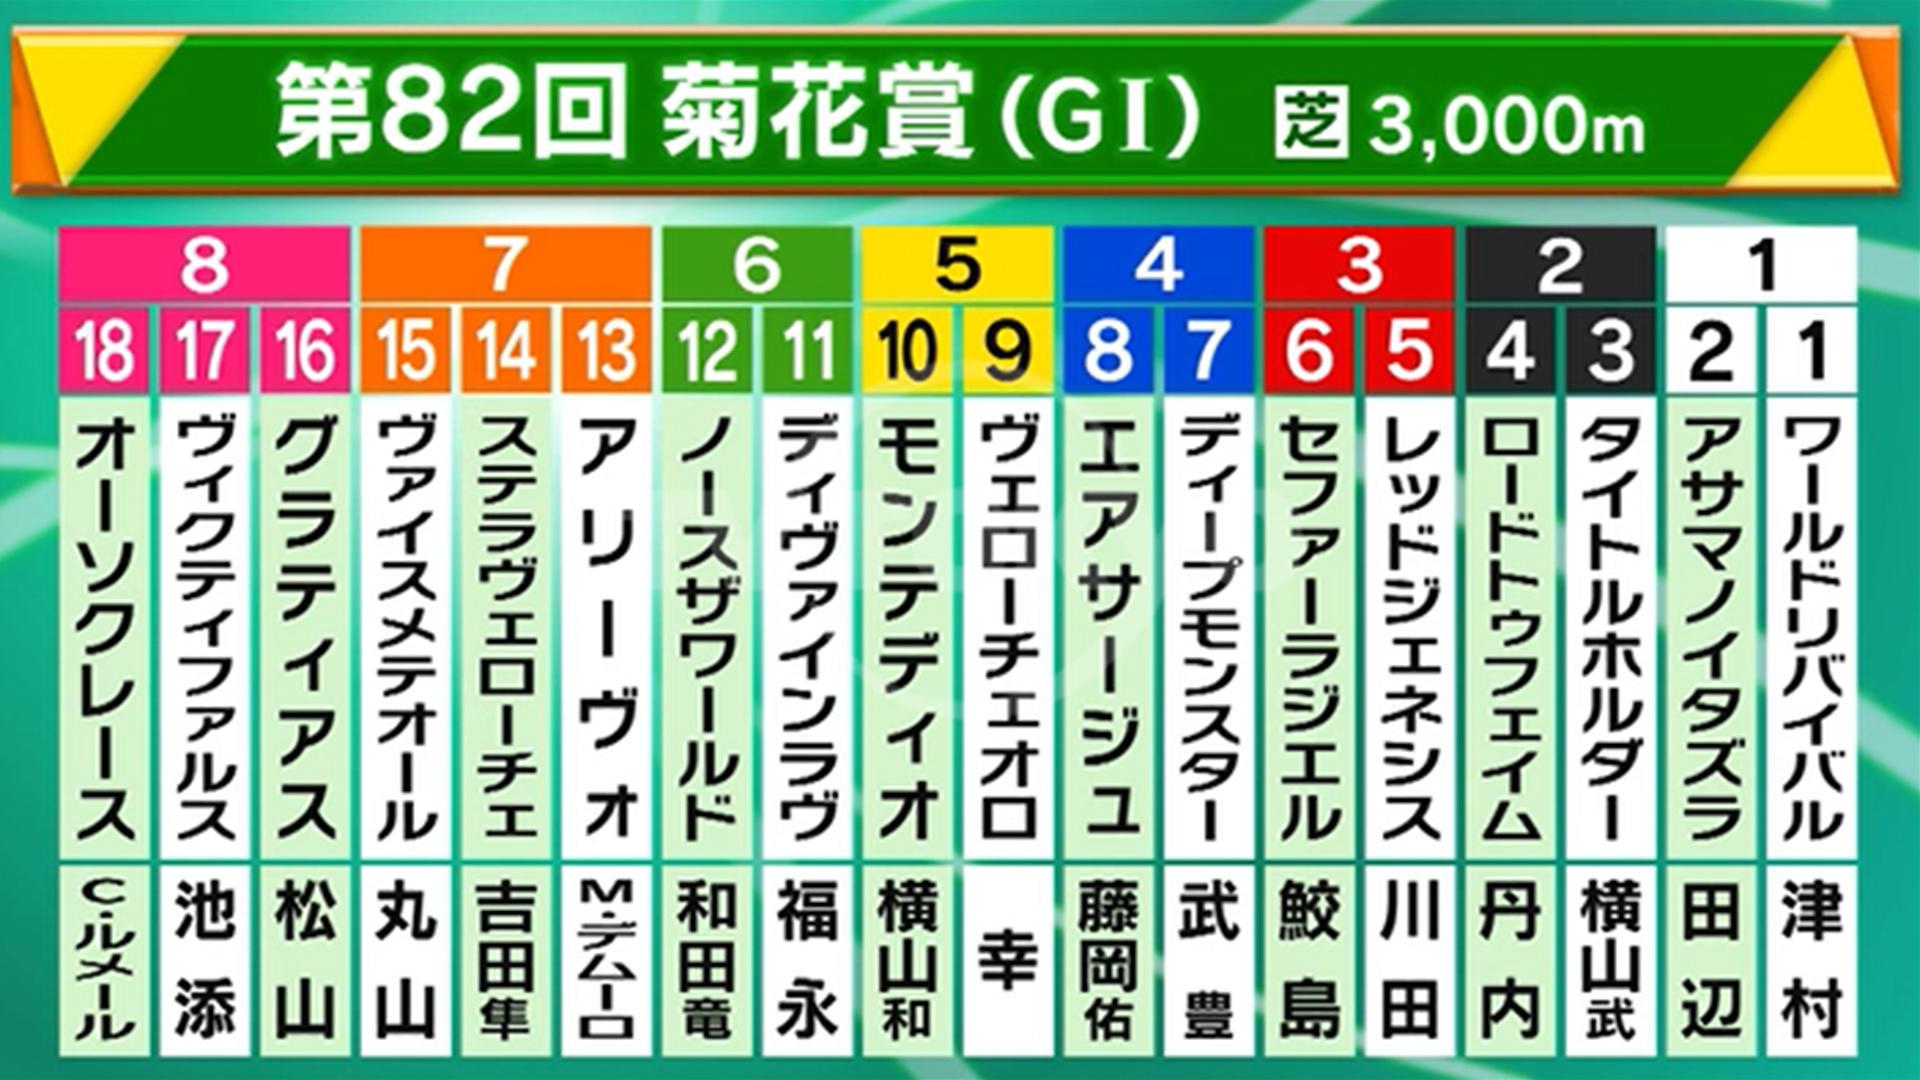 【菊花賞】ステラヴェローチェが4.1倍の1番人気、オーソクレースは4.6倍の2番人気 前日最終オッズ